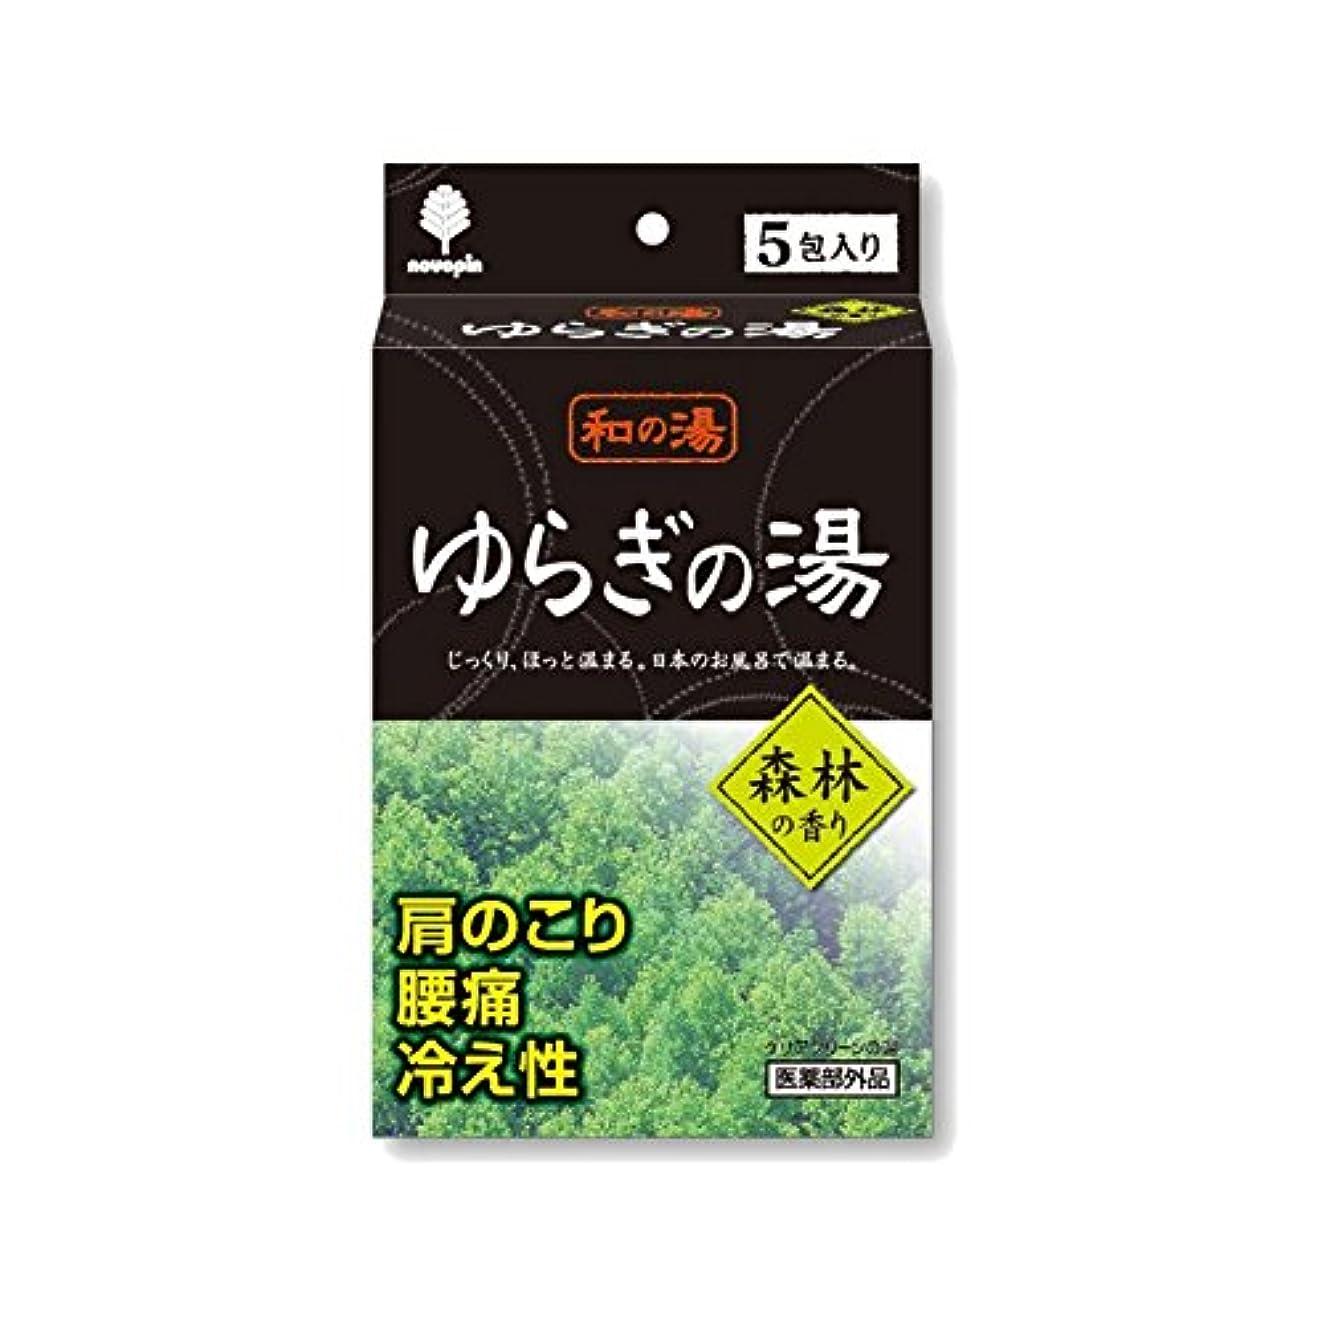 フィルタ職人交換可能和の湯 ゆらぎの湯 森林の香り(25gx5)x10